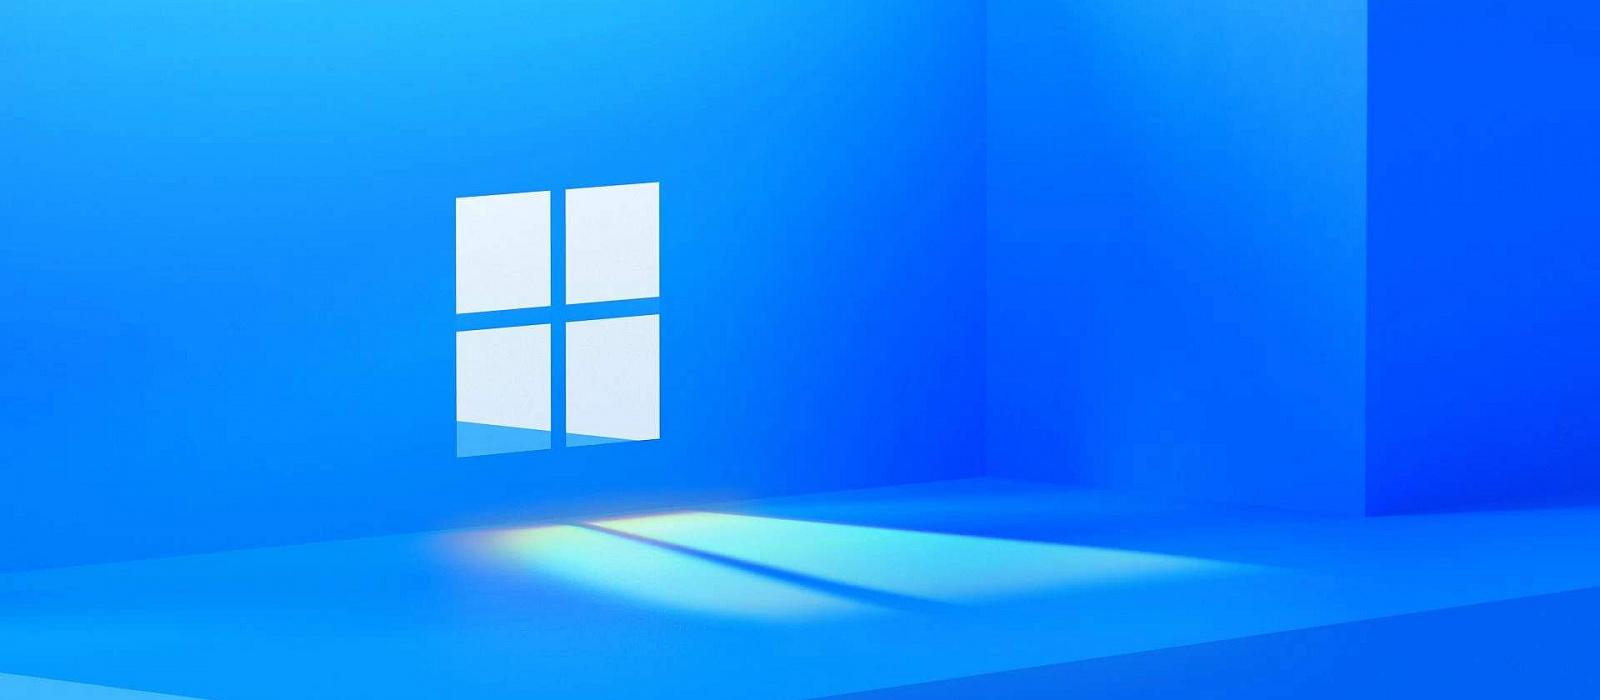 Enthusiast zeigte, wie Windows 11 auf einem Smartphone und einer Smartwatch aussehen könnte